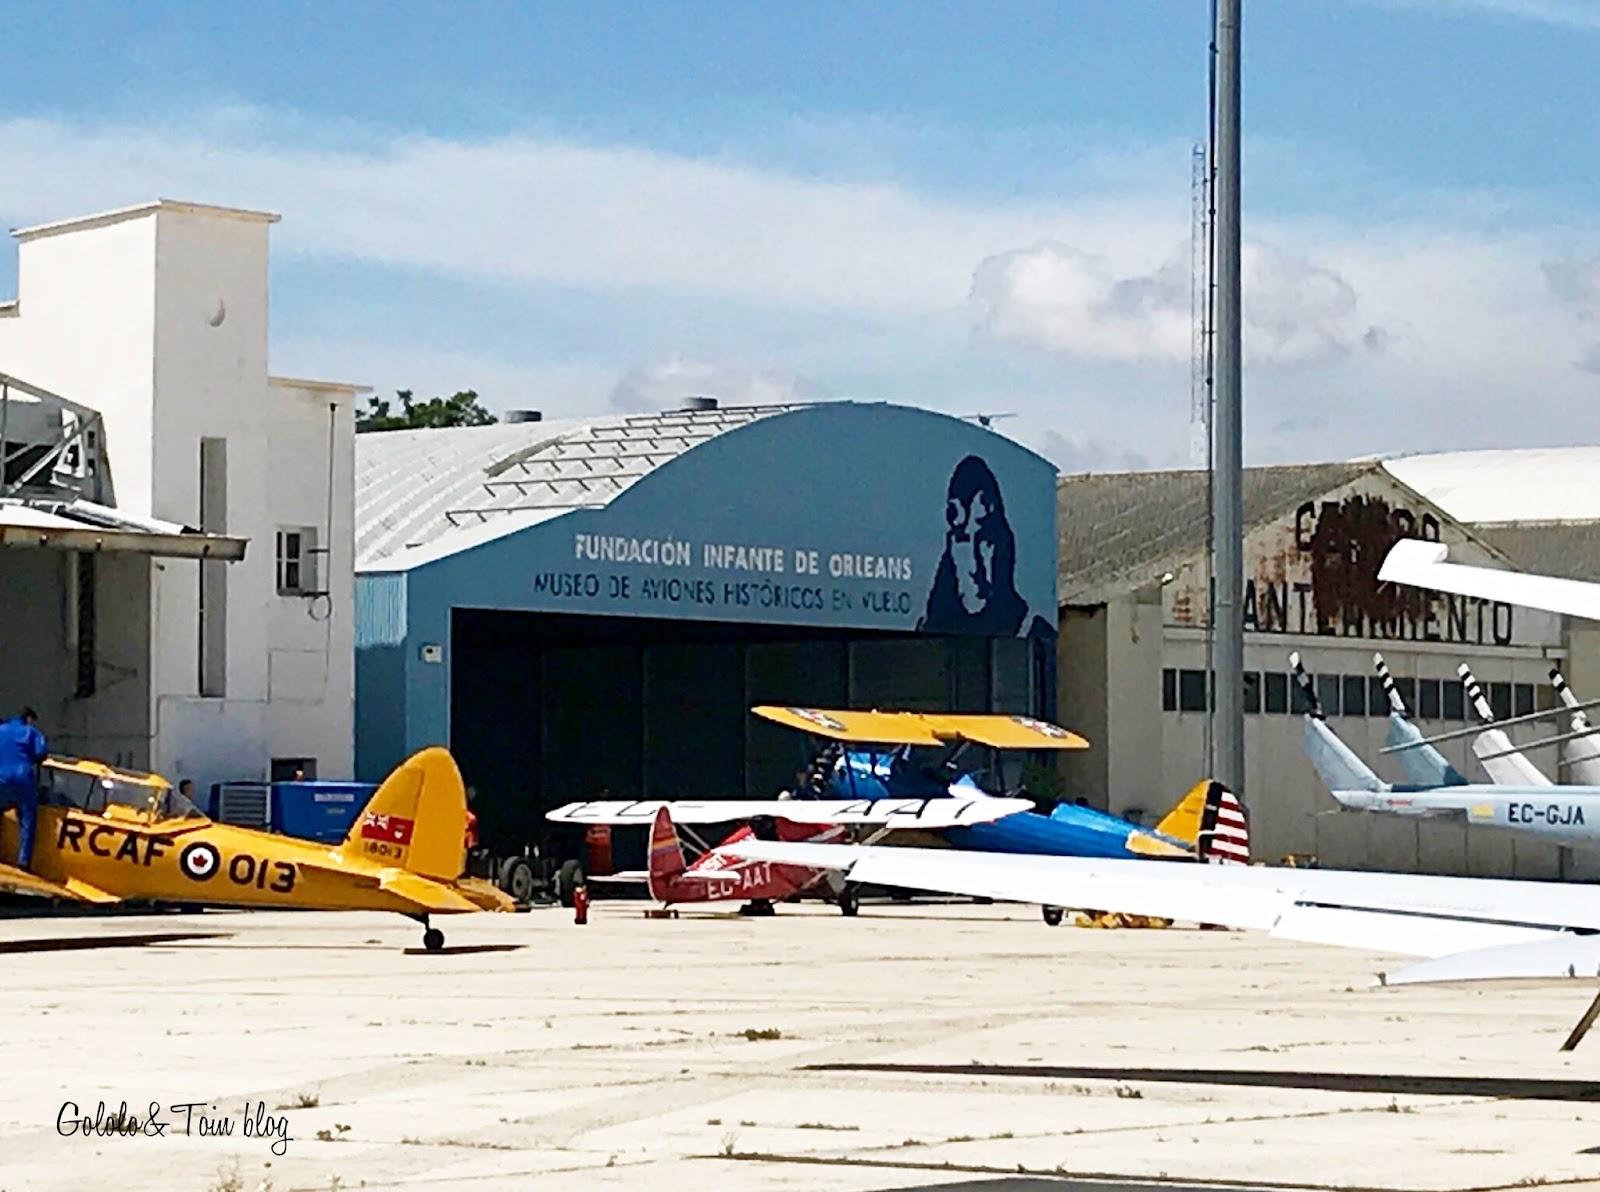 Aeropuerto de Cuatro vientos aviones históricos en vuelo